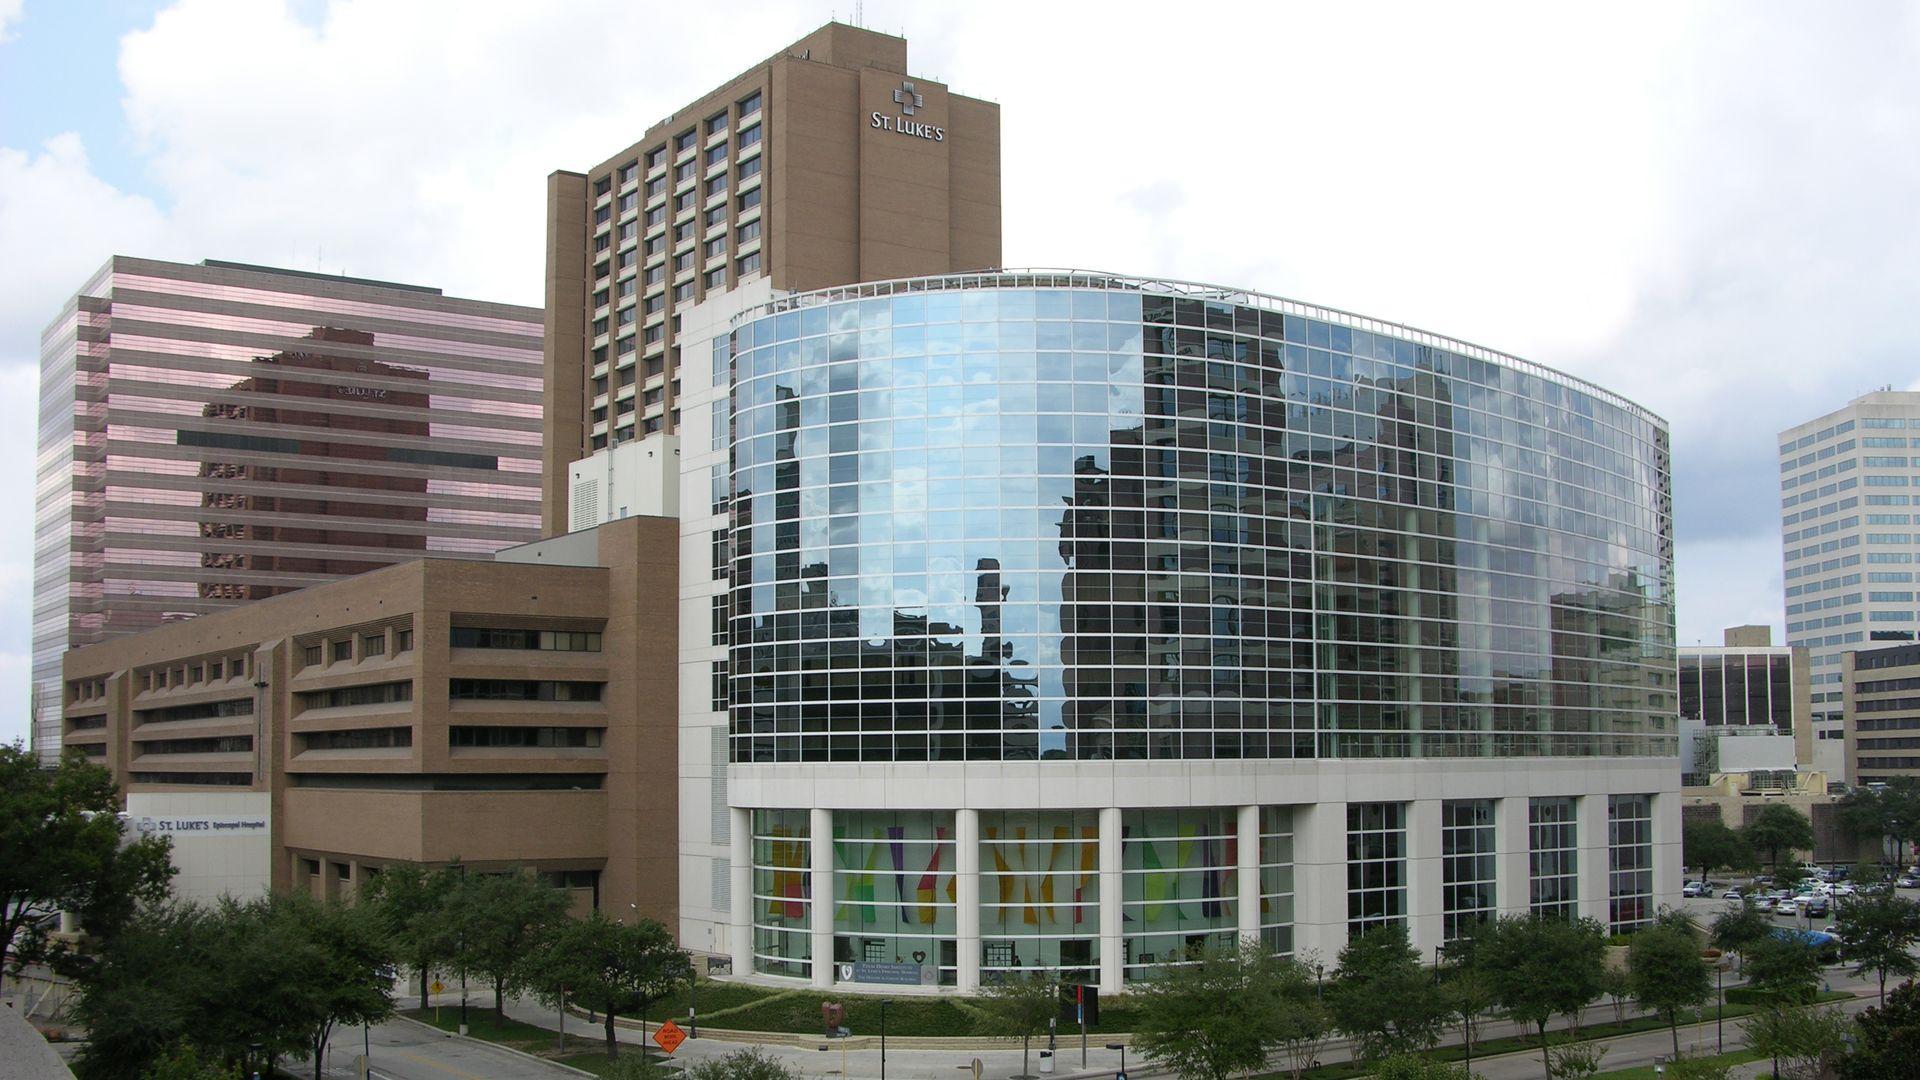 St. Luke's hospital in Houston's Texas Medical Center.